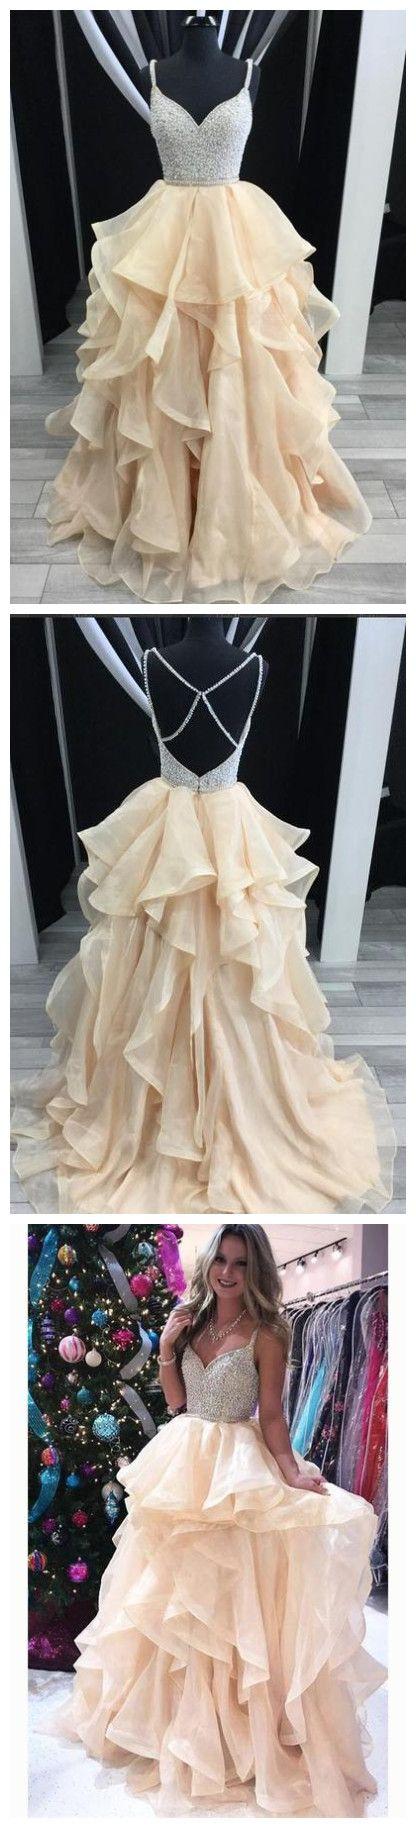 prom dresses 2018,gorgeous prom dresses,prom dresses unique,prom dresses elegant,prom dresses graduacion,prom dresses classy,prom dresses modest,prom dresses simple,prom dresses long,prom dresses for teens,prom dresses boho,prom dresses cheap,junior prom dresses,prom dresses flowy,beautiful prom dresses,prom dresses a line,prom dresses champagne,prom dresses beading #amyprom #prom #promdress #evening #eveningdress #dance #longdress #longpromdress #fashion #style #dress